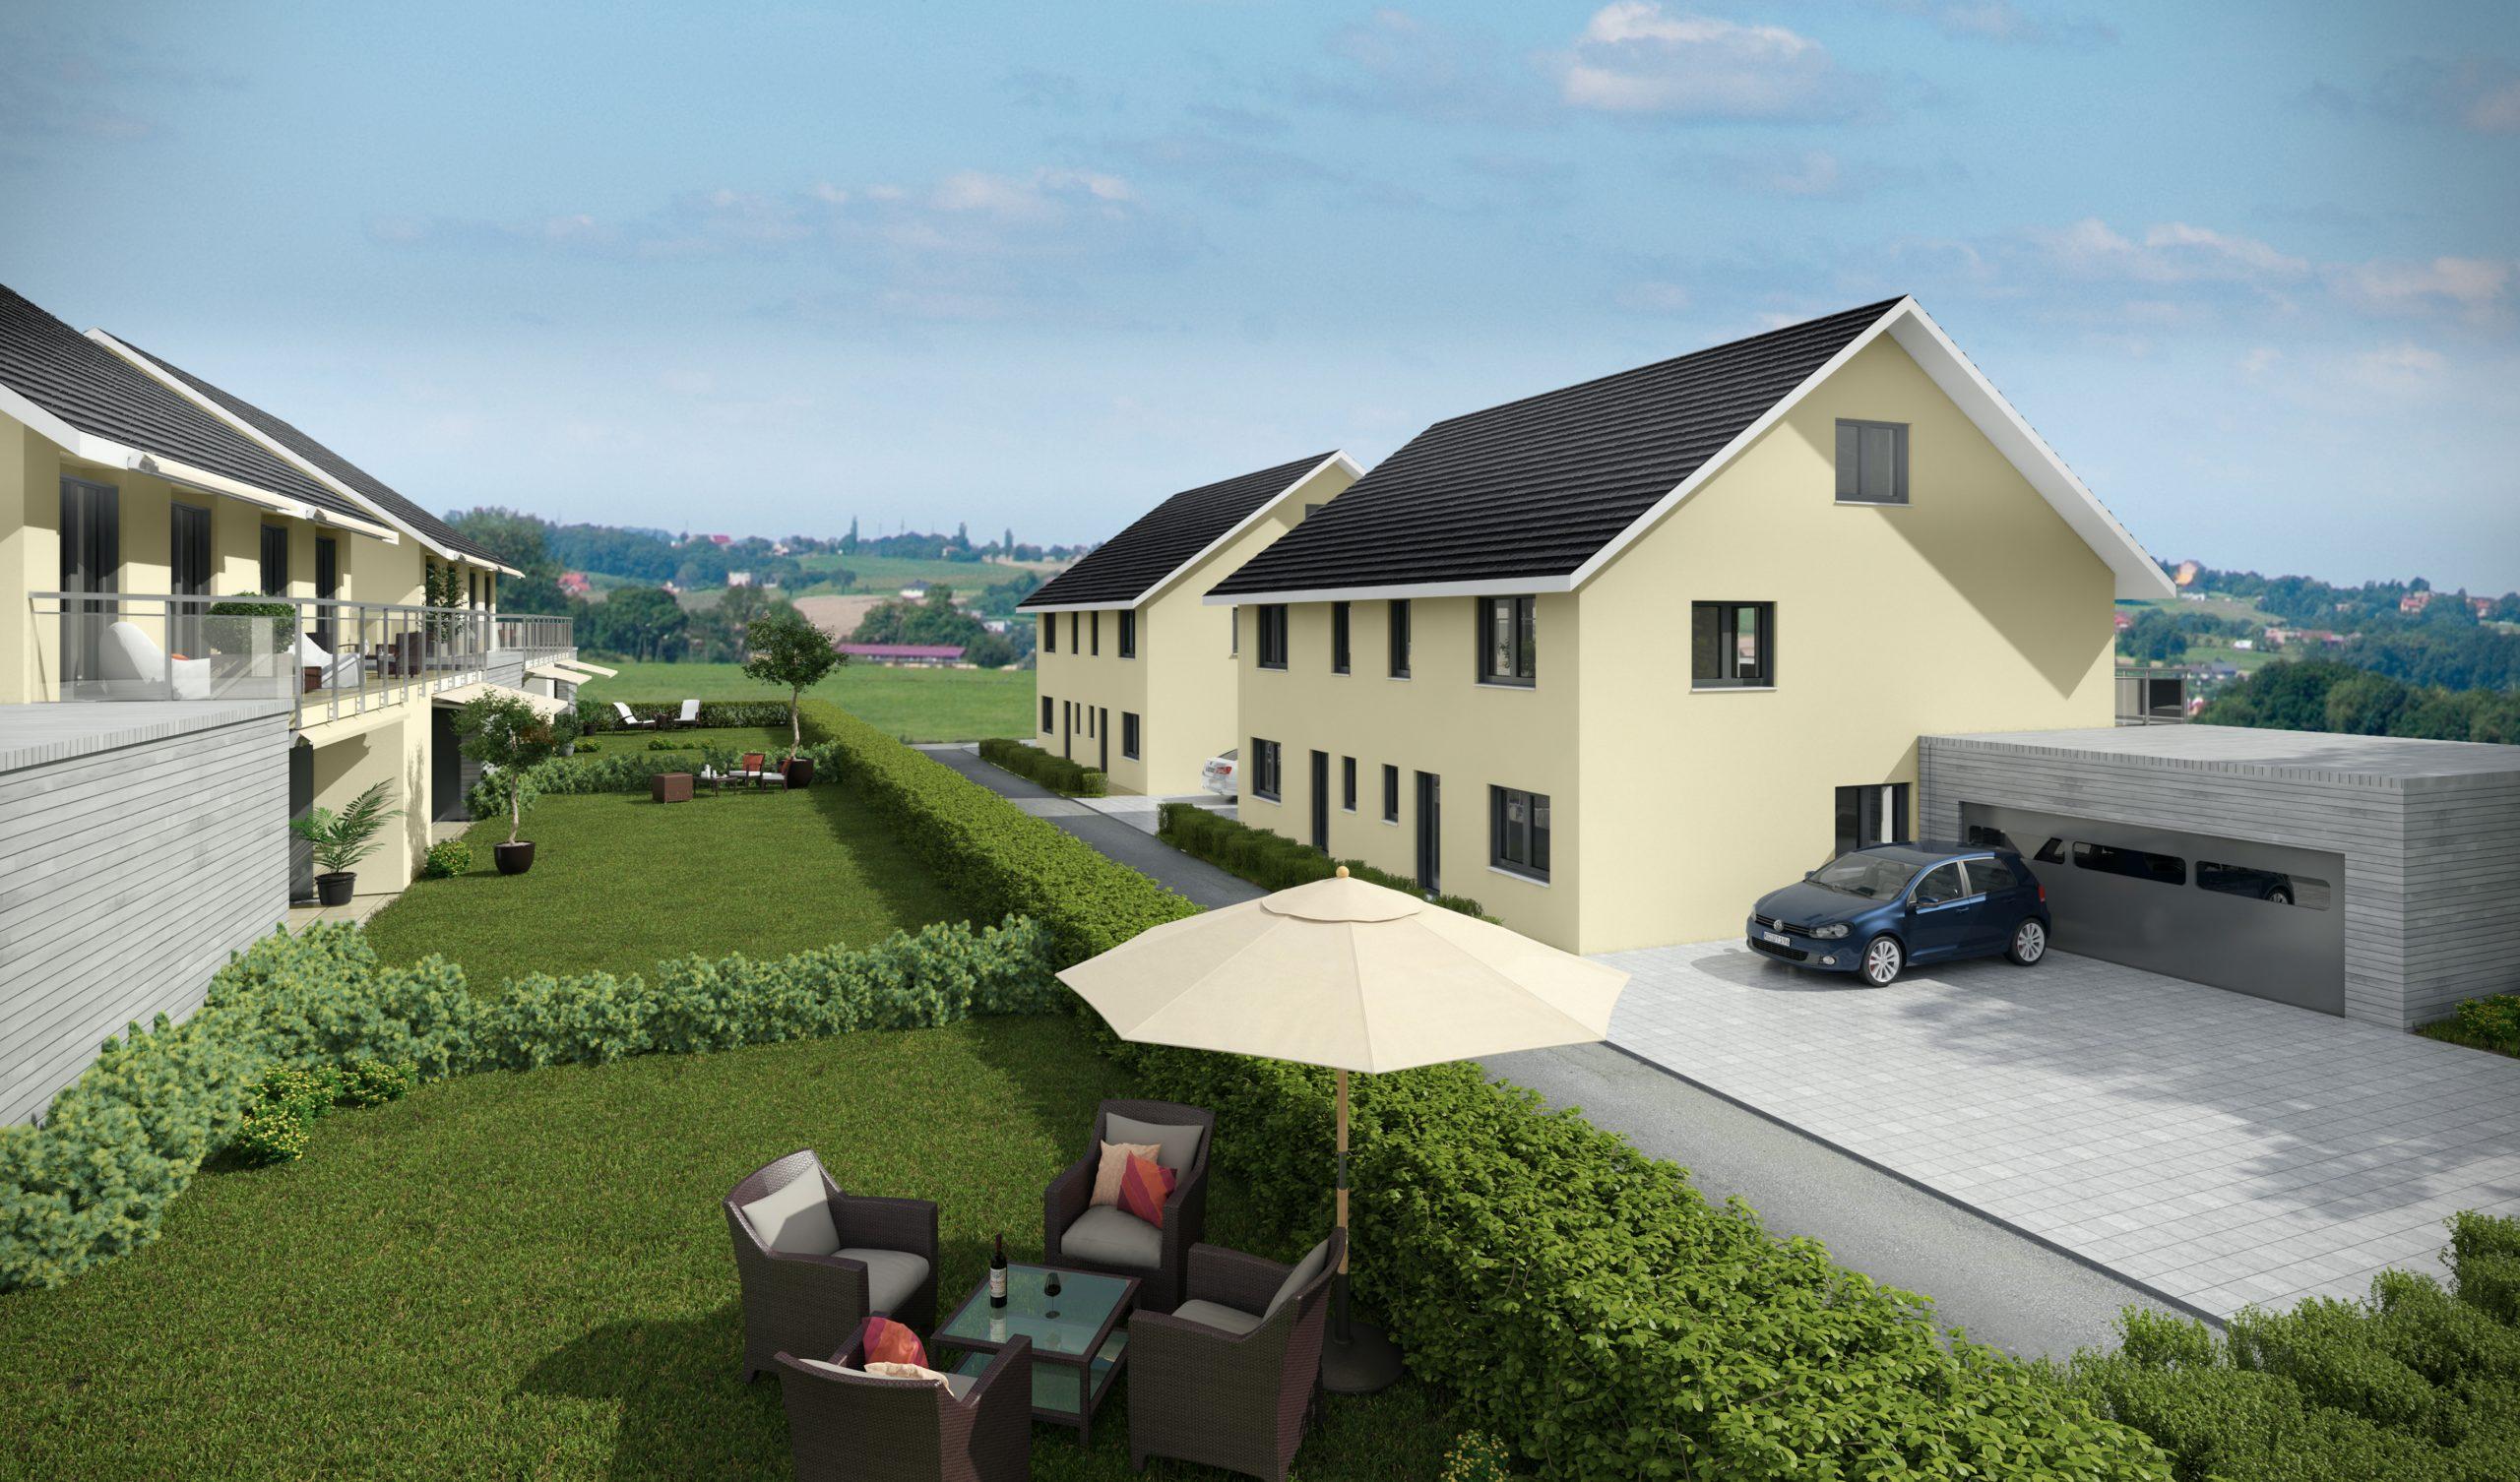 Neues Einfamilienhaus im Dorfzentrum